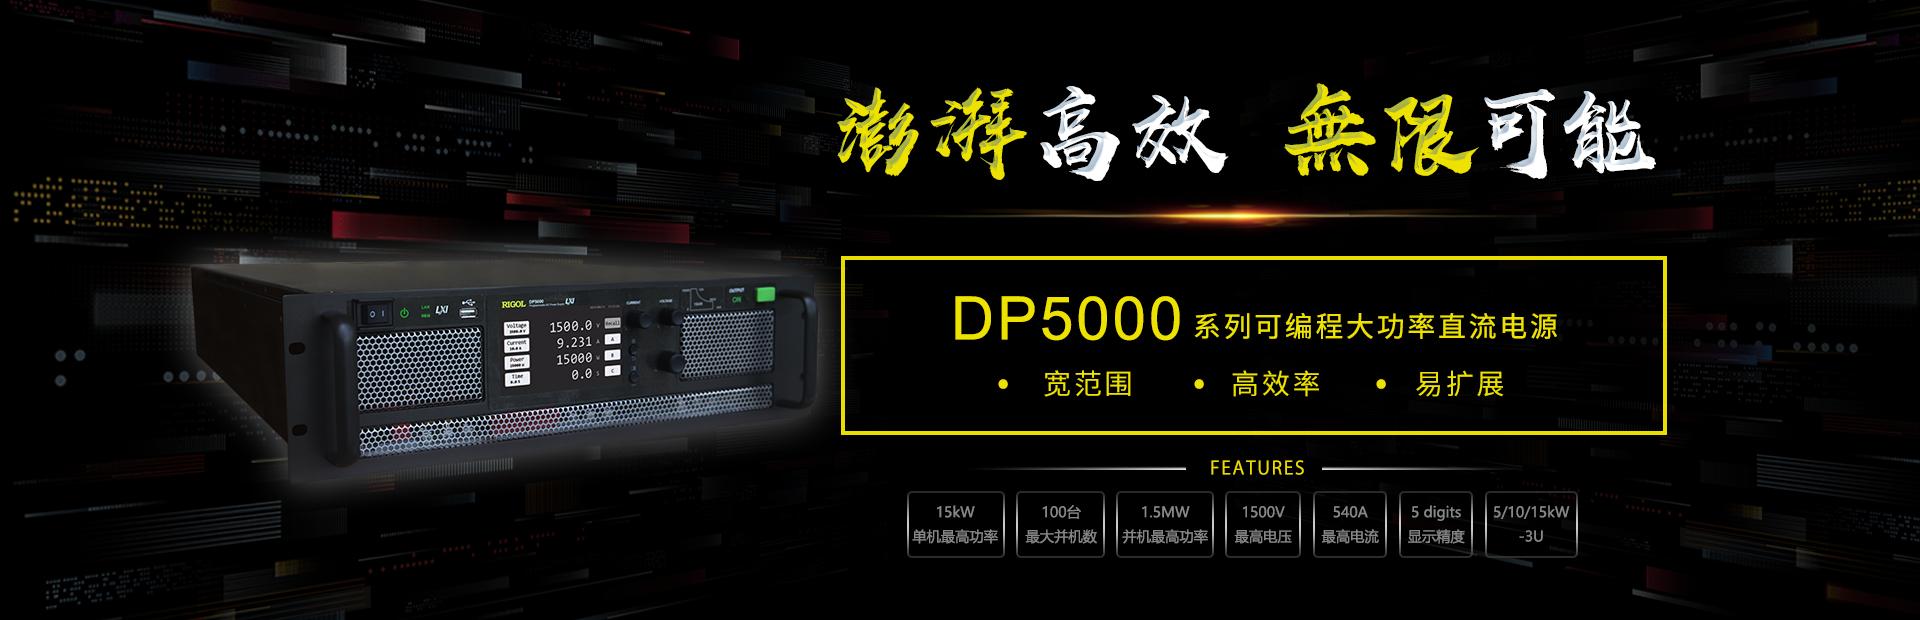 DP5000-1.jpg